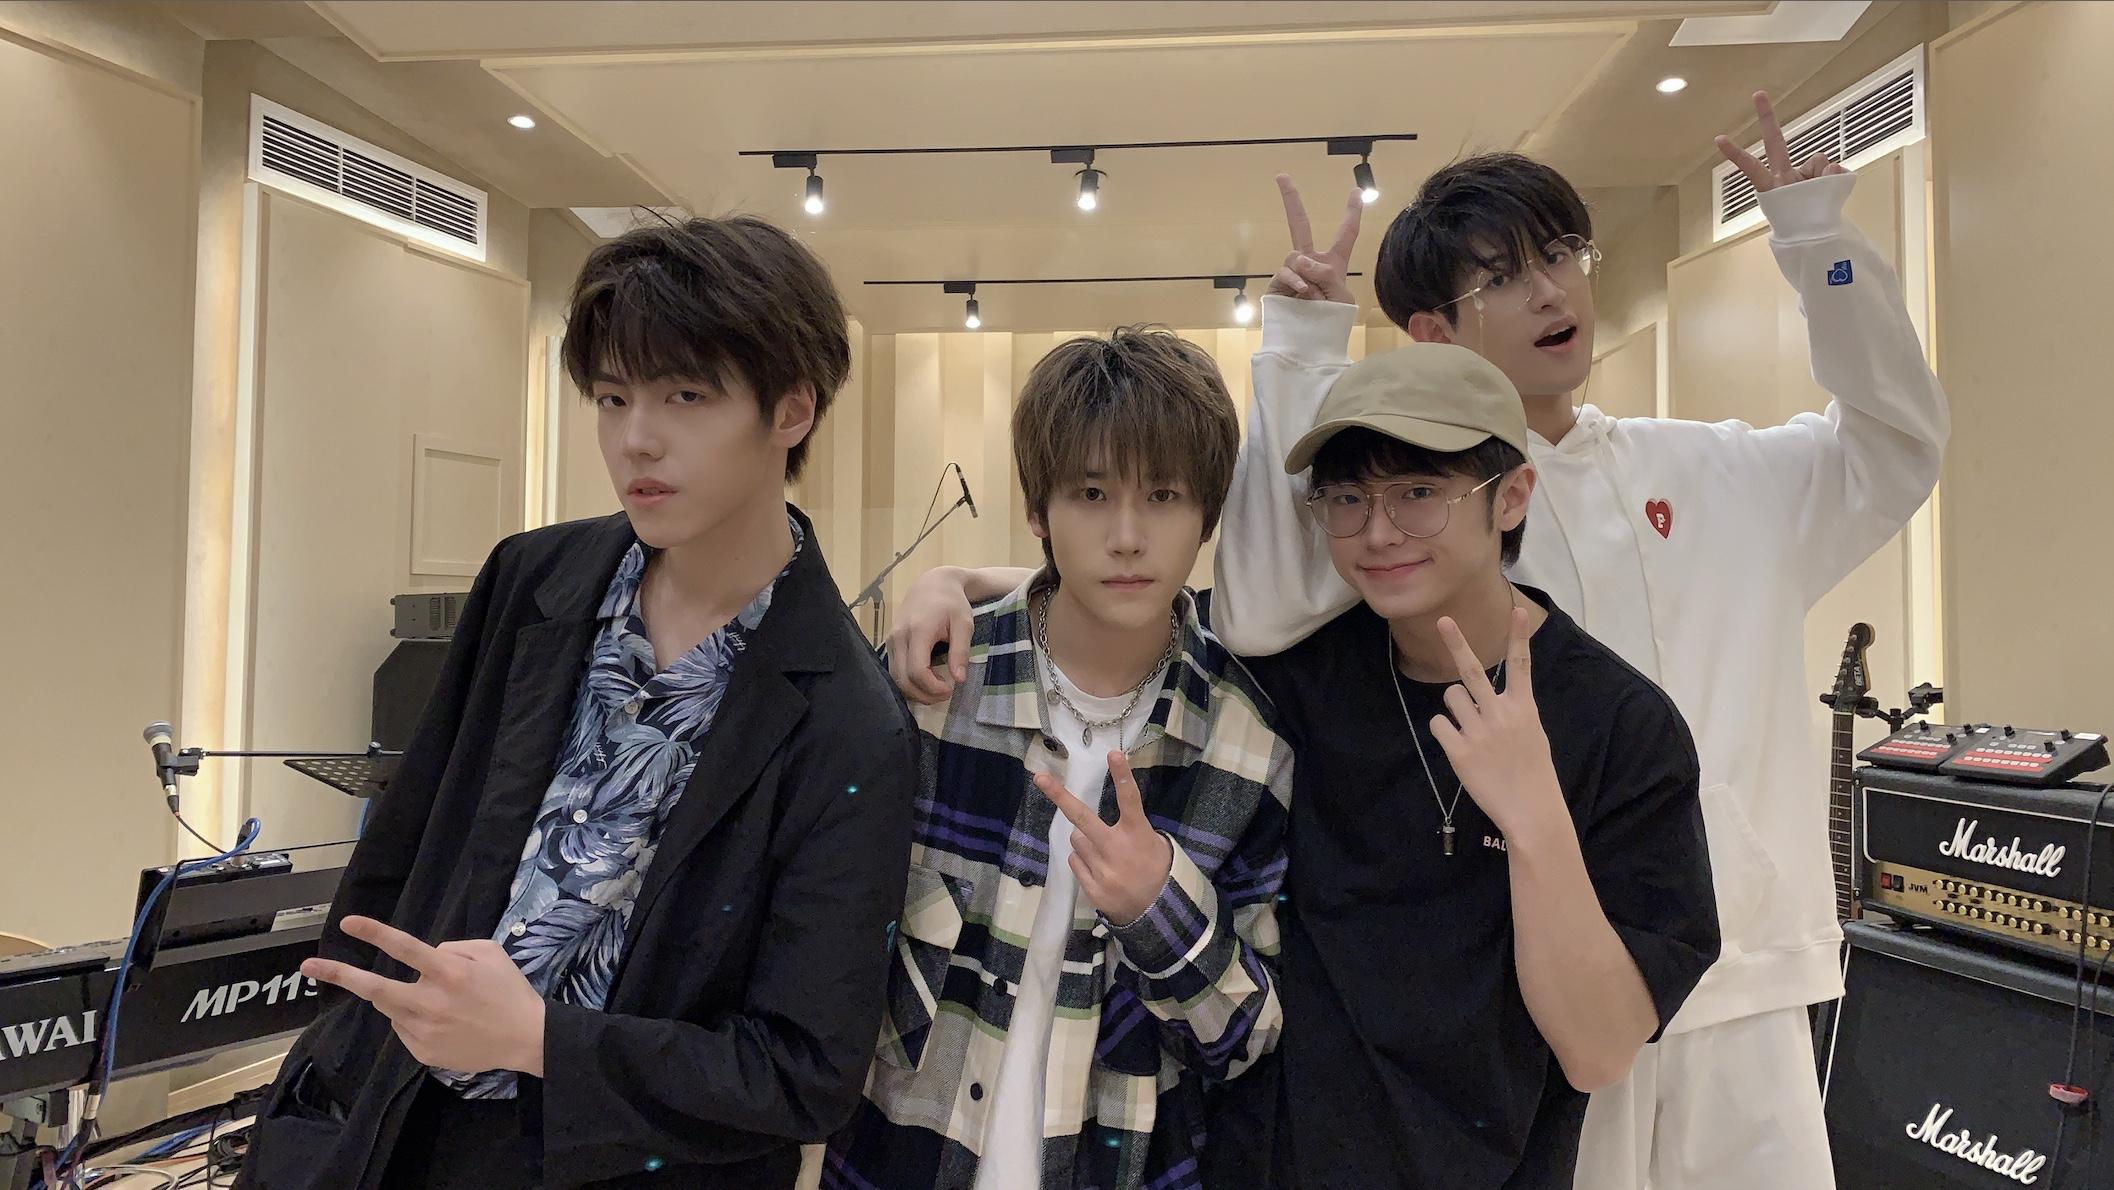 2021银河系乐团「再追光」特别双专场LVH-杭州站